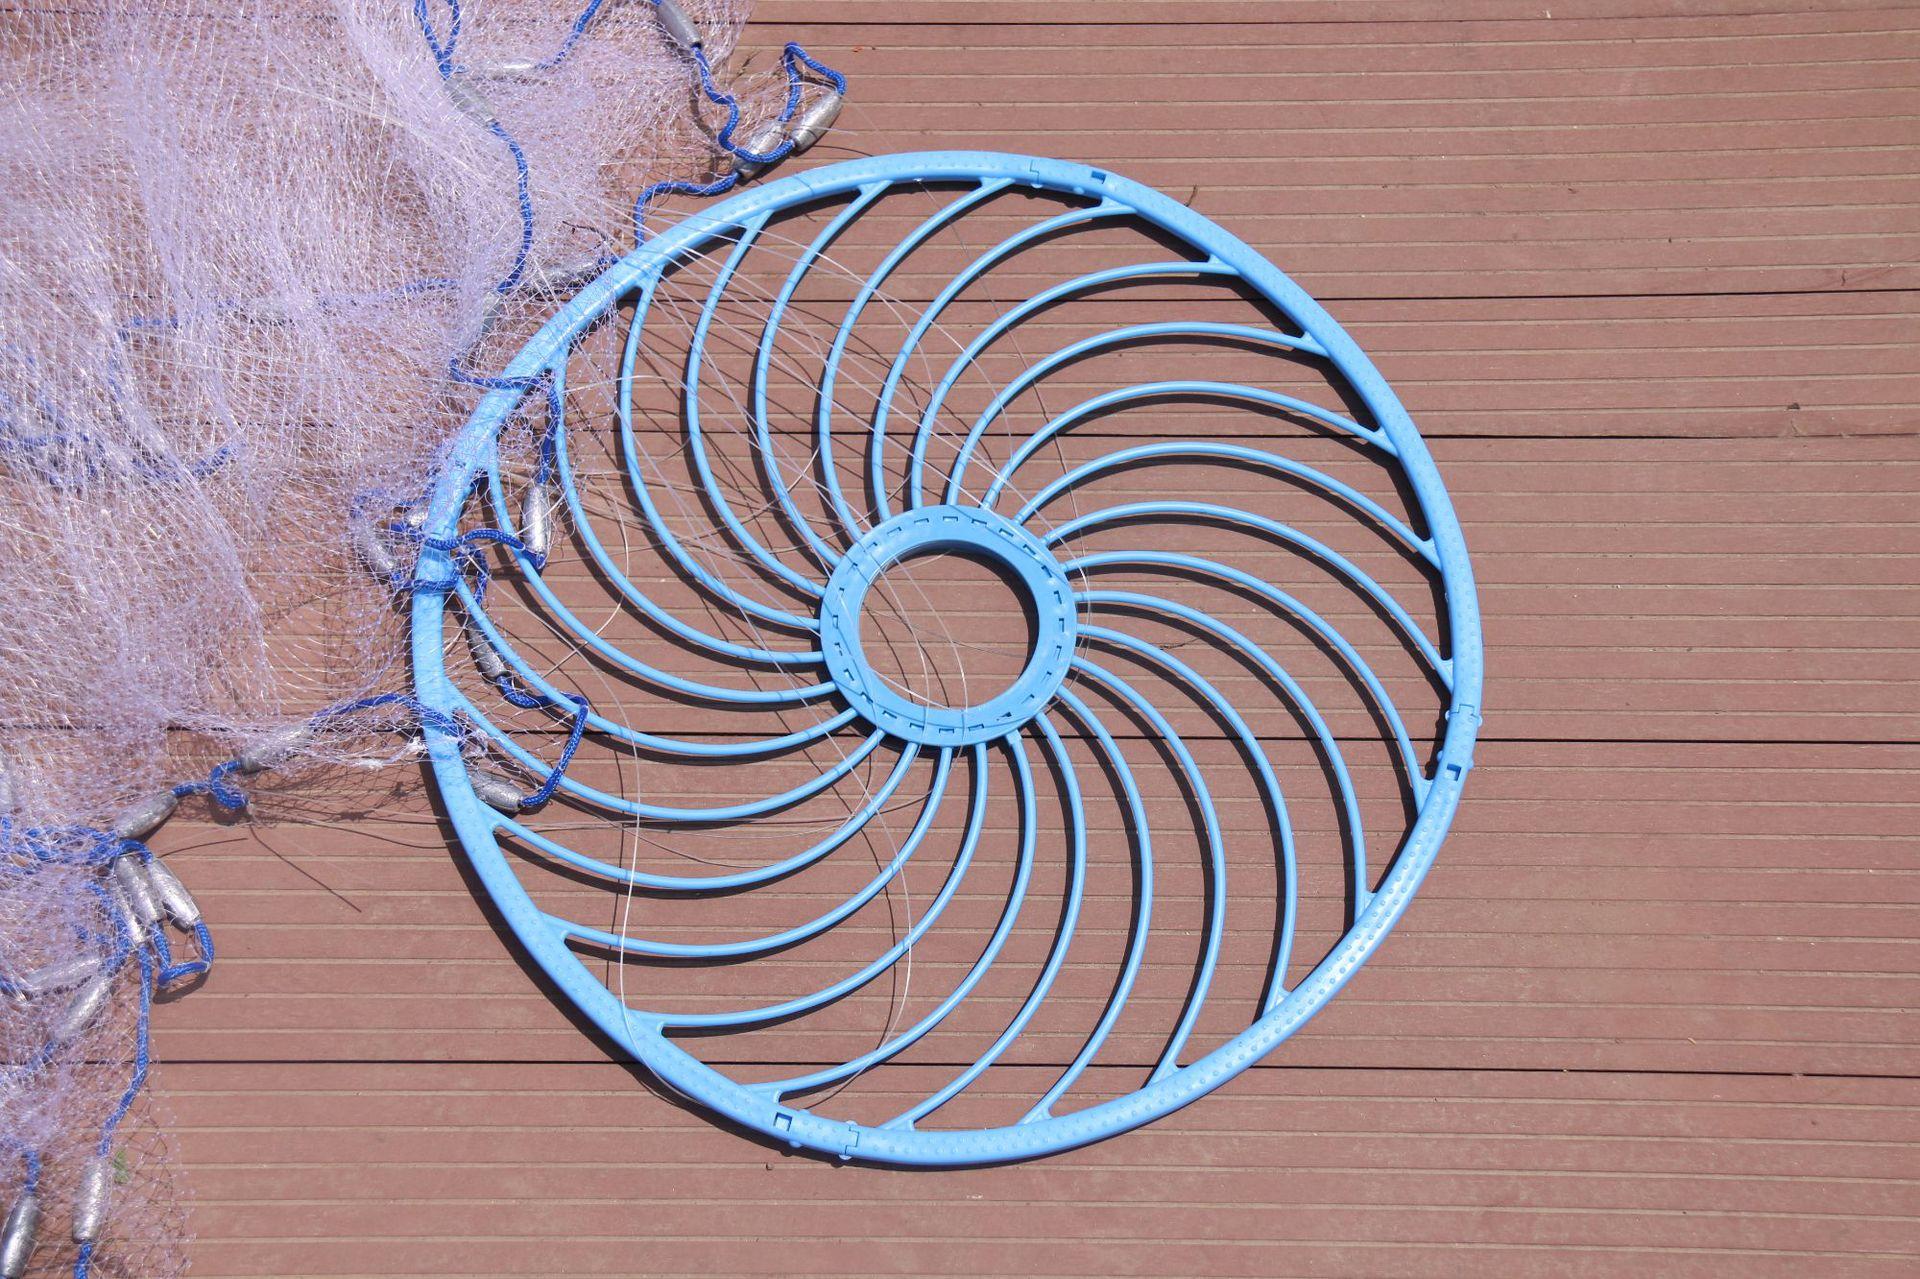 American-Style Seine Frisbee-One-piece Set